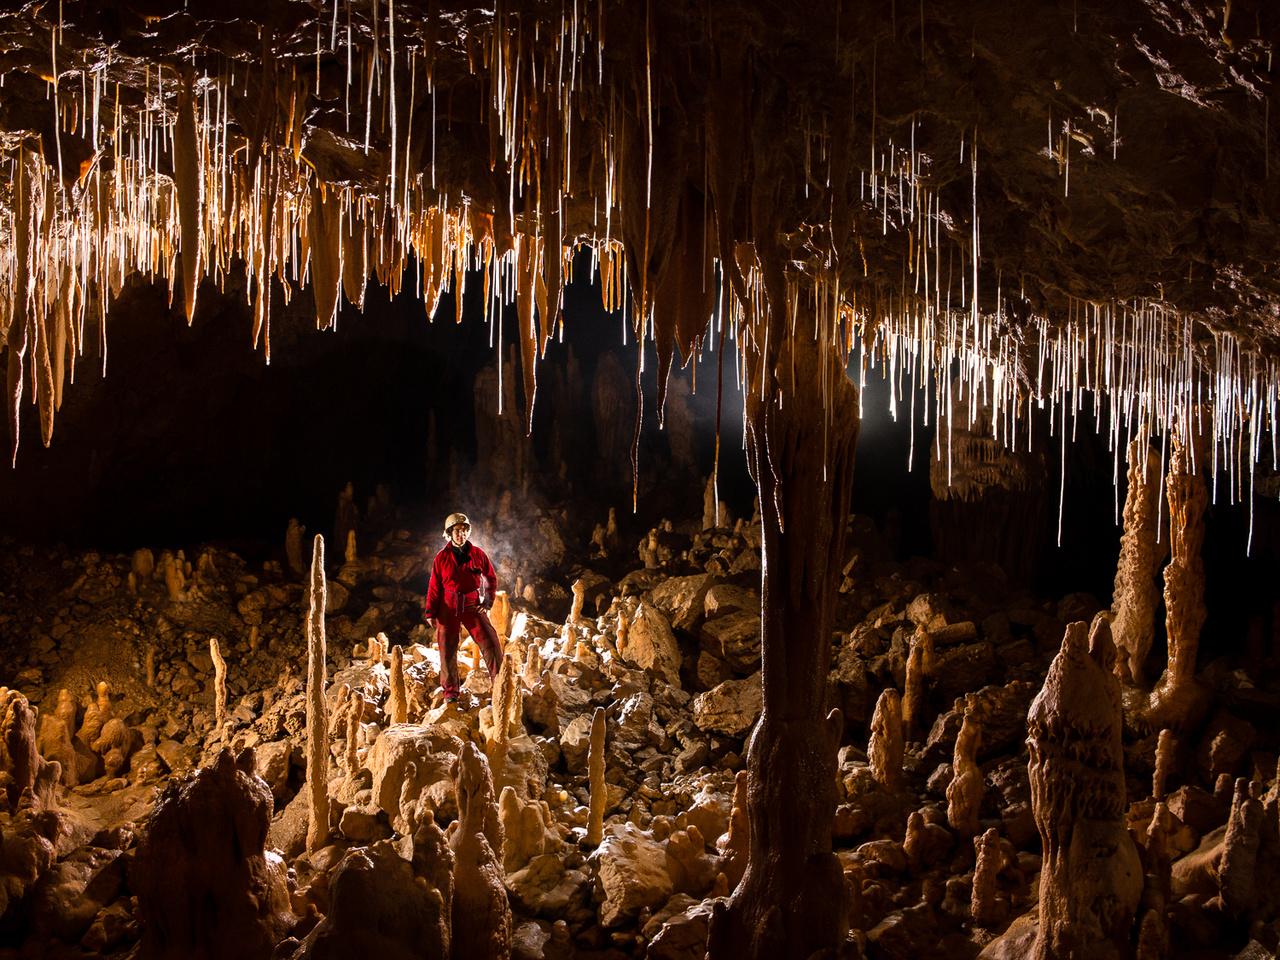 A mészkőhegységek formakincsére jellemző karsztjelenségeket és a barlangok kialakulását a szlovéniai Karszt-hegységből írták le, és innen származik a tudományág által használt terminológia is. A vékony és áttetsző szalmacseppkövek jelentik a cseppkőképződés egyik első fázisát.